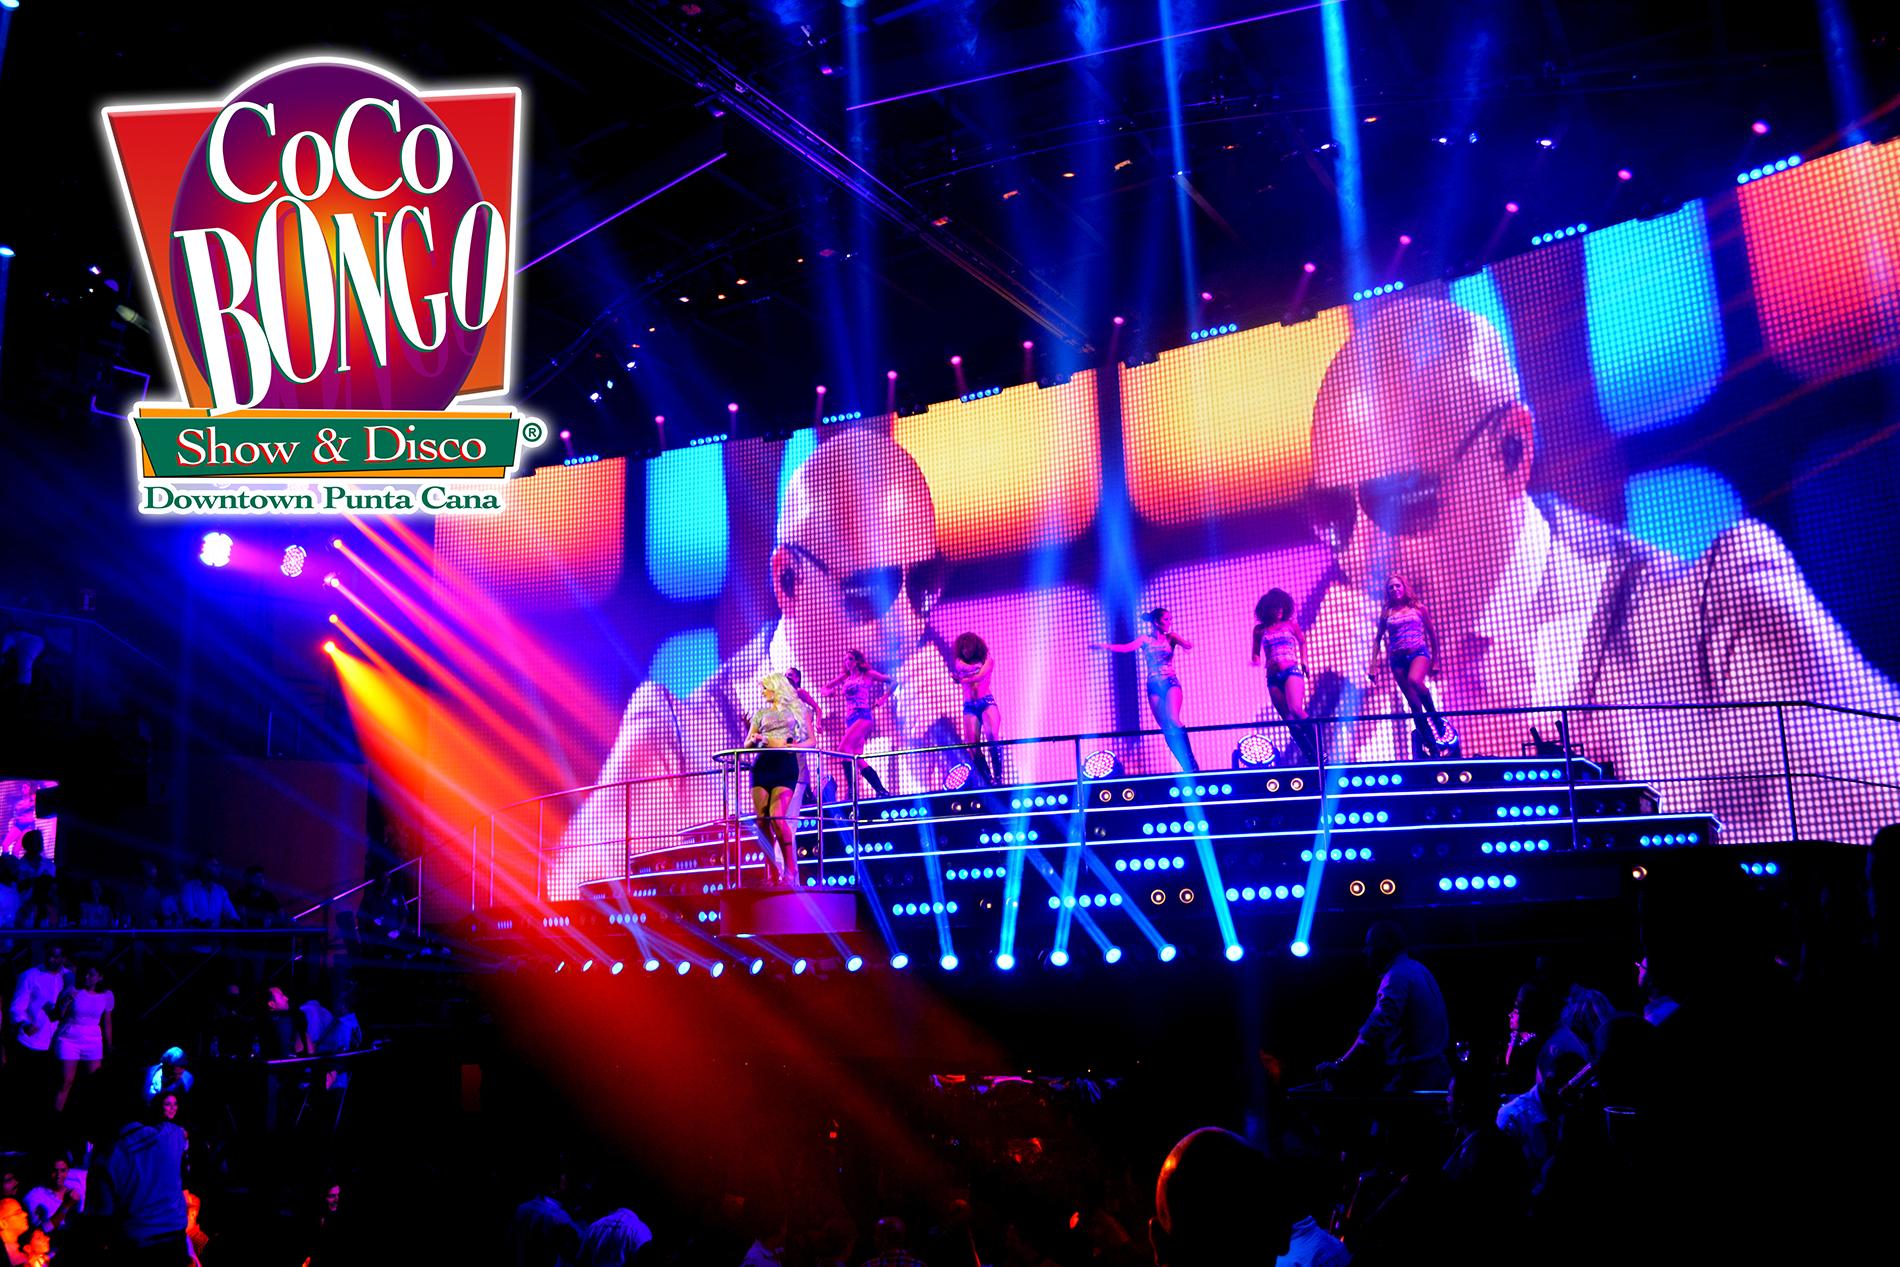 Coco Bongo 5